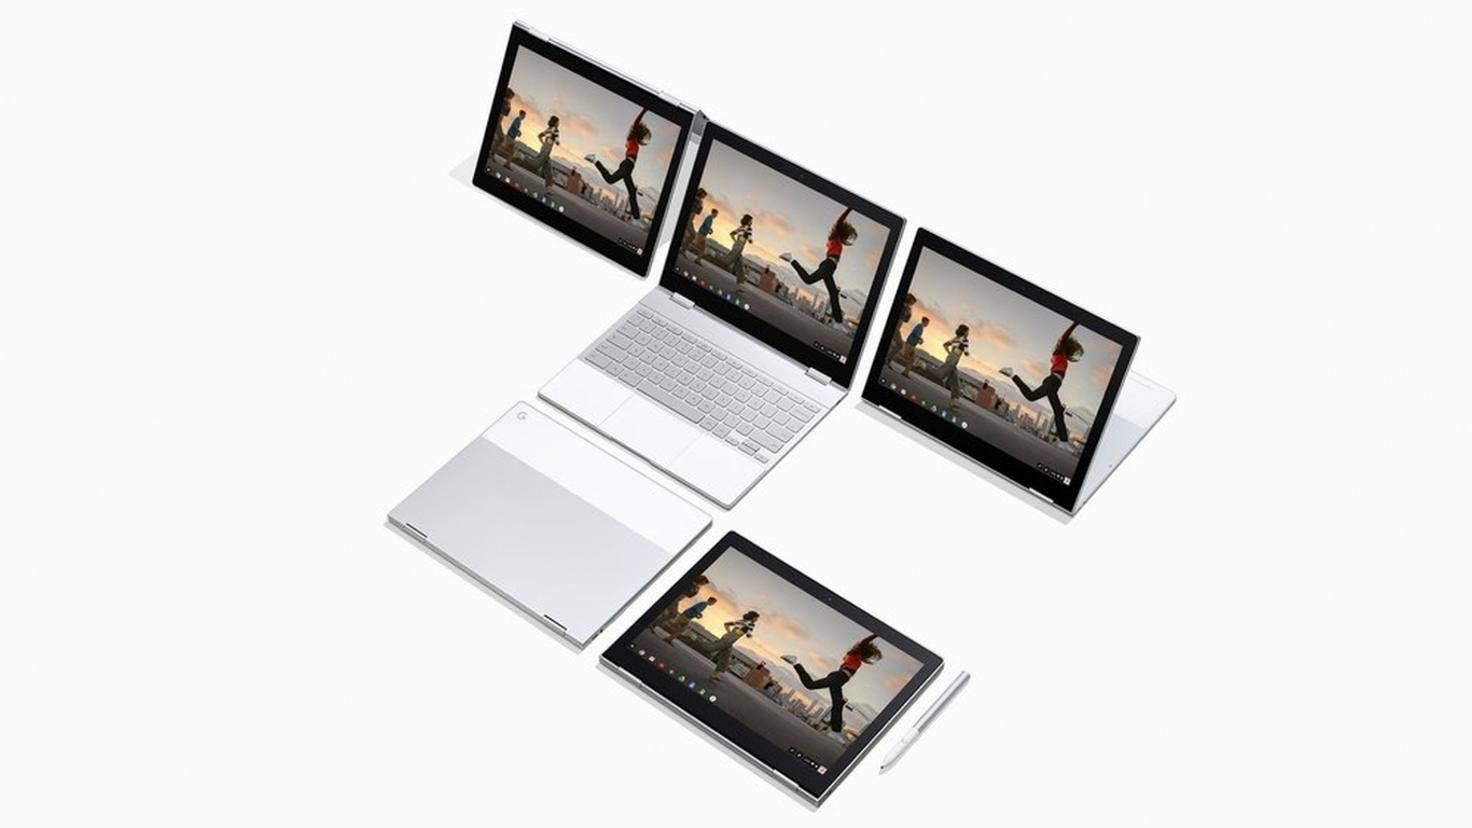 Google-Pixelbook